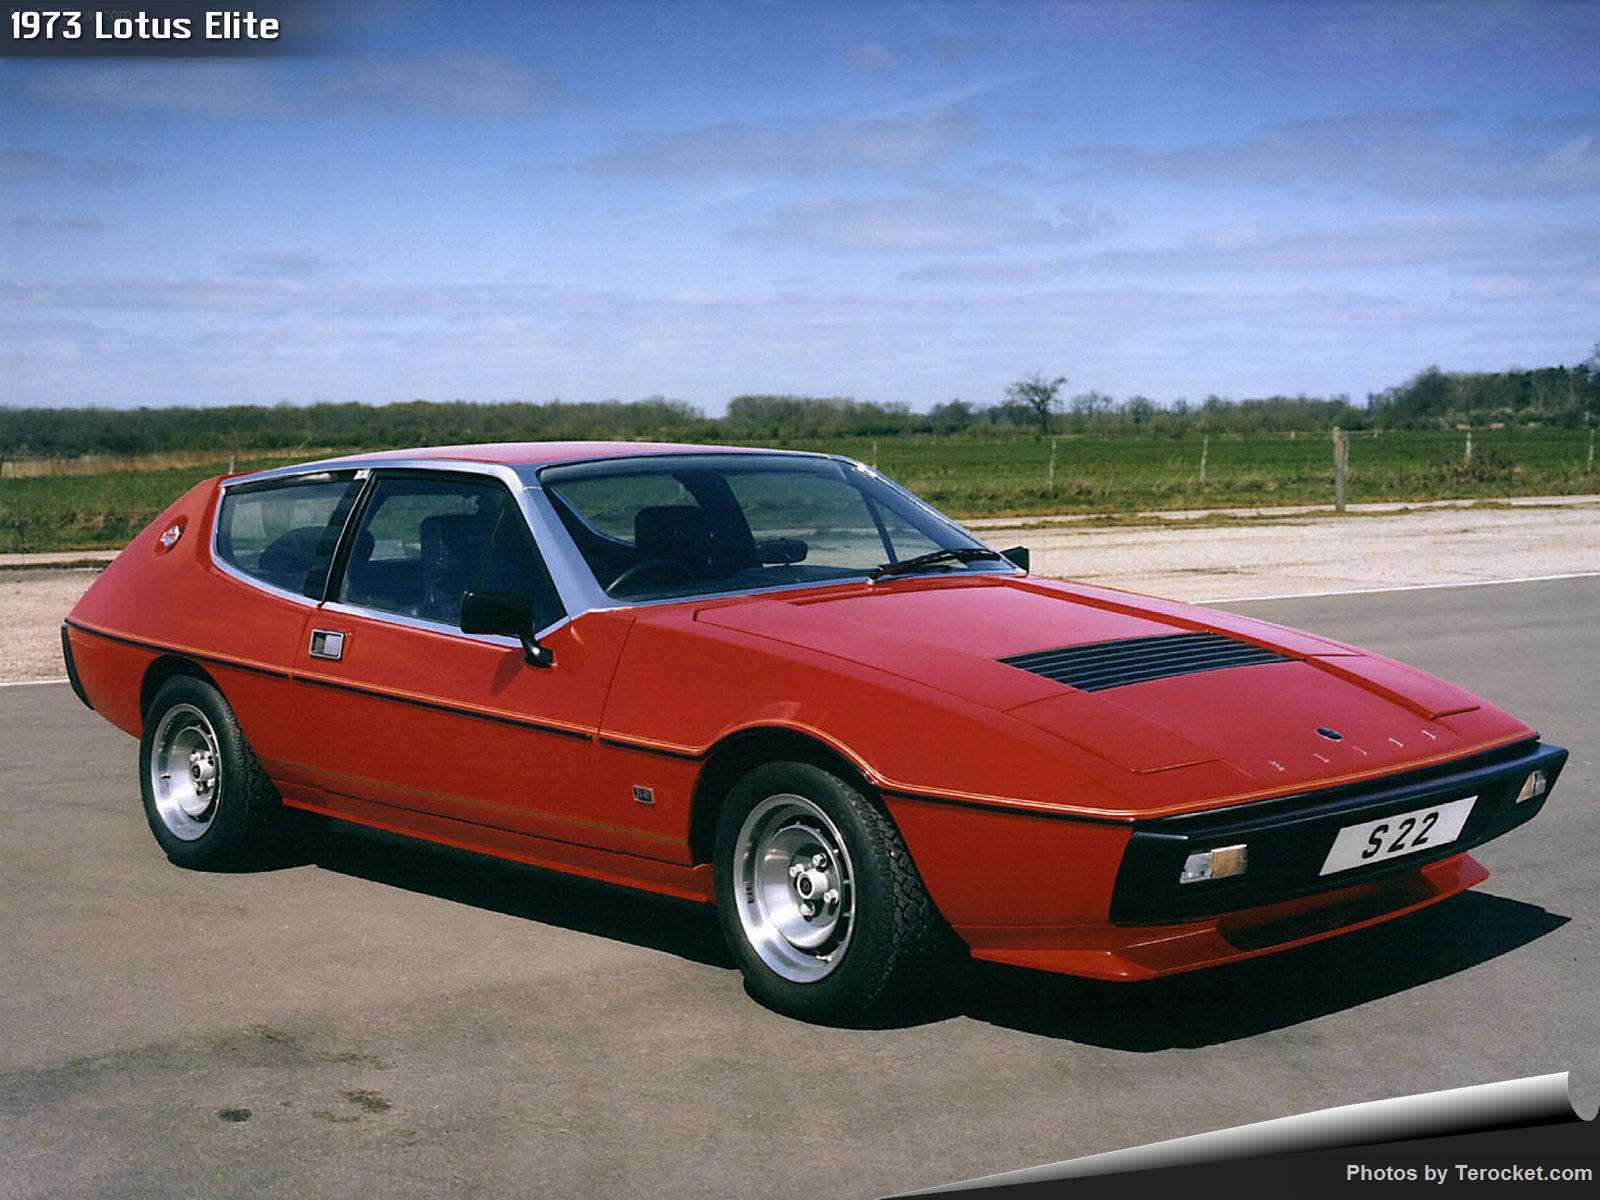 Hình ảnh siêu xe Lotus Elite 1973 & nội ngoại thất